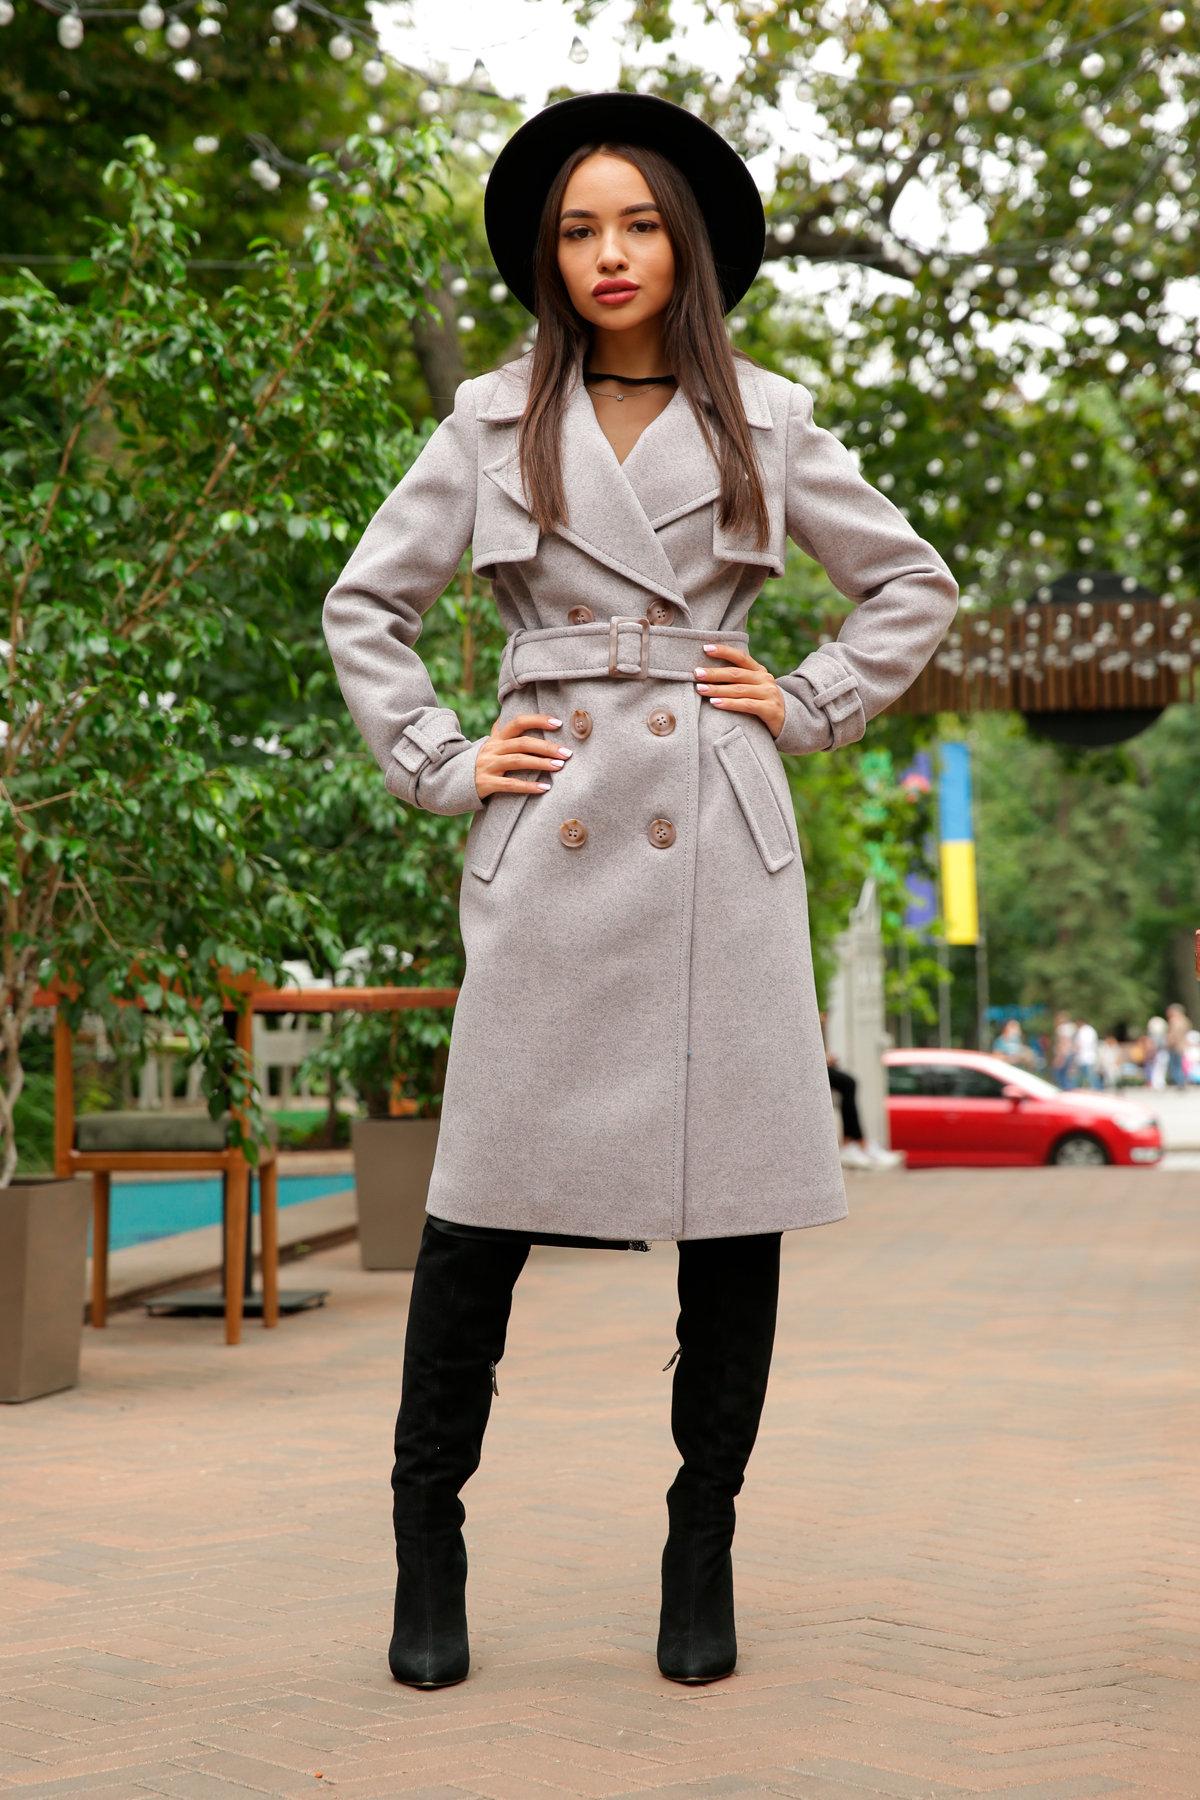 Двубортное пальто демисезон Монте 8089 АРТ. 44031 Цвет: Серый-розовый - фото 12, интернет магазин tm-modus.ru